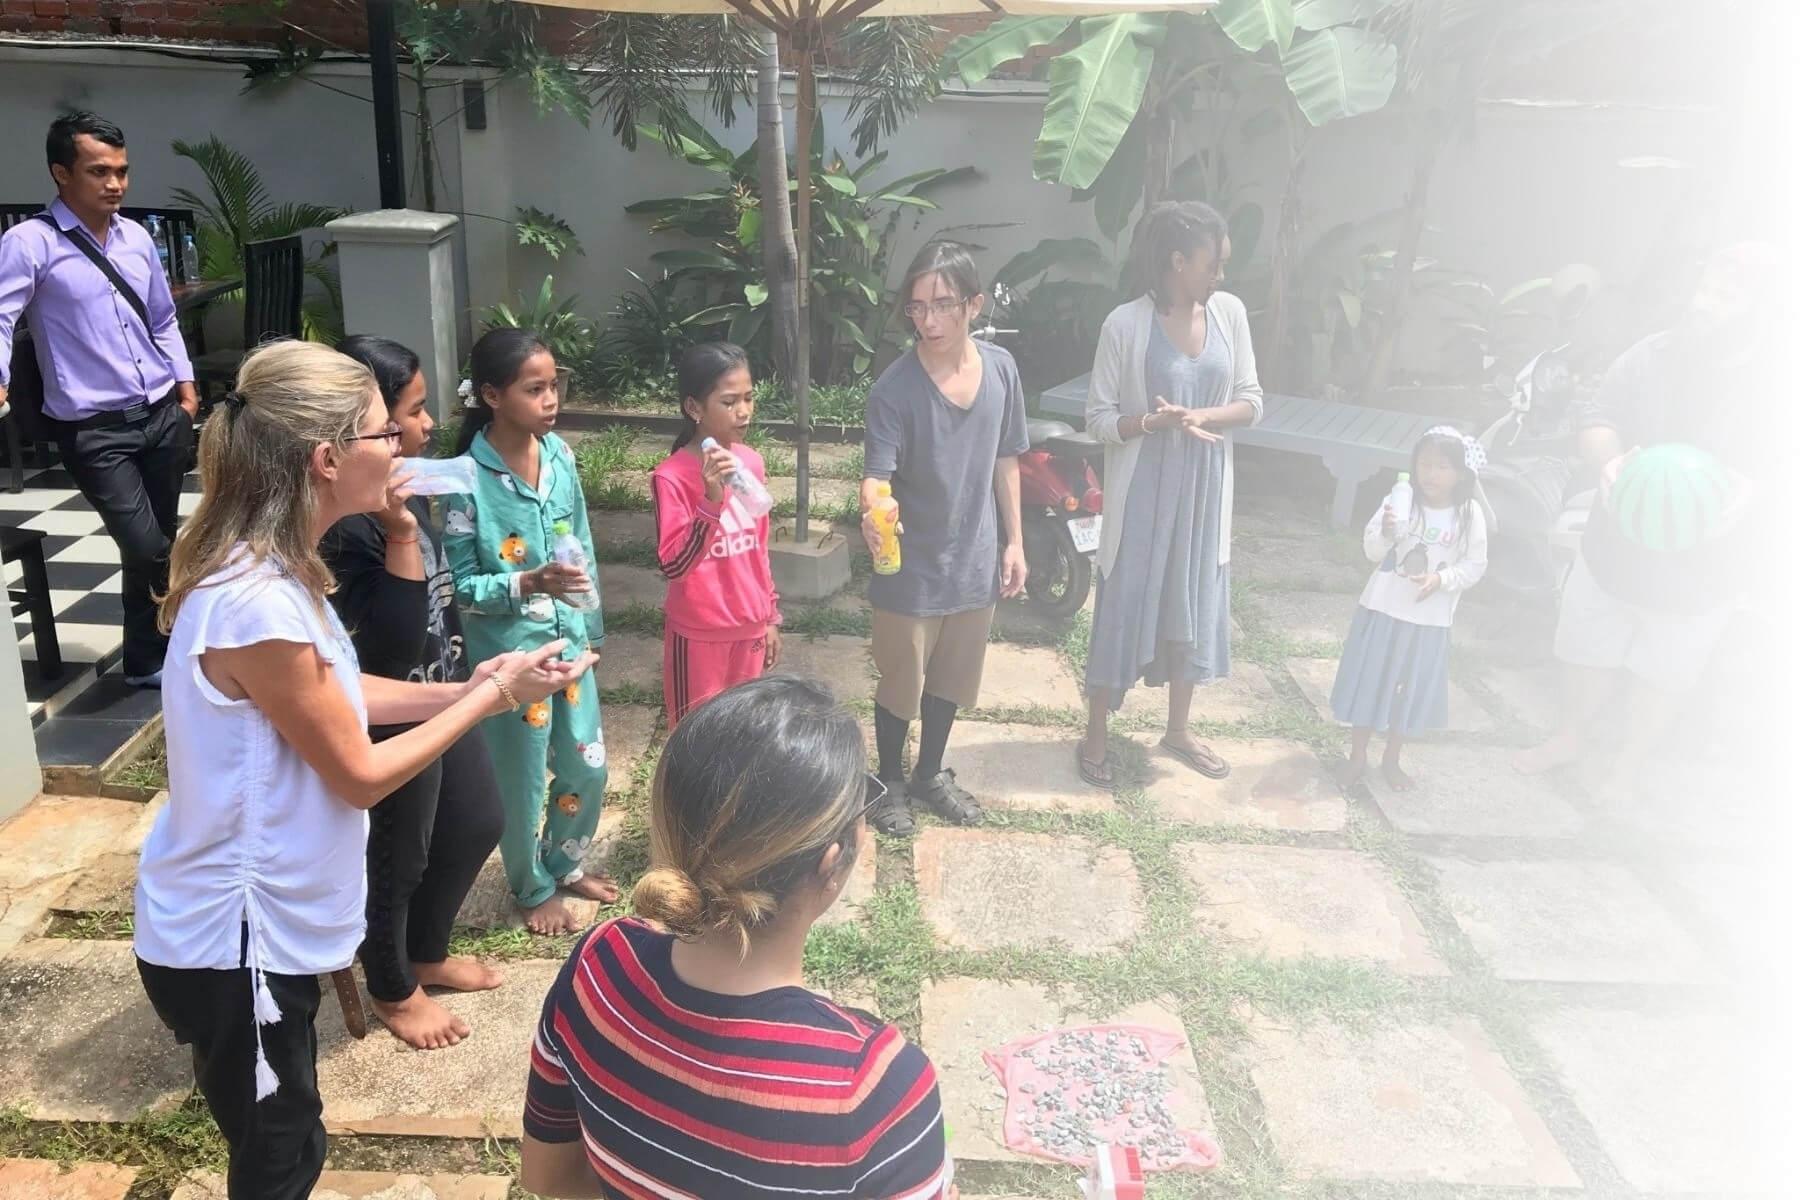 class outside in bali